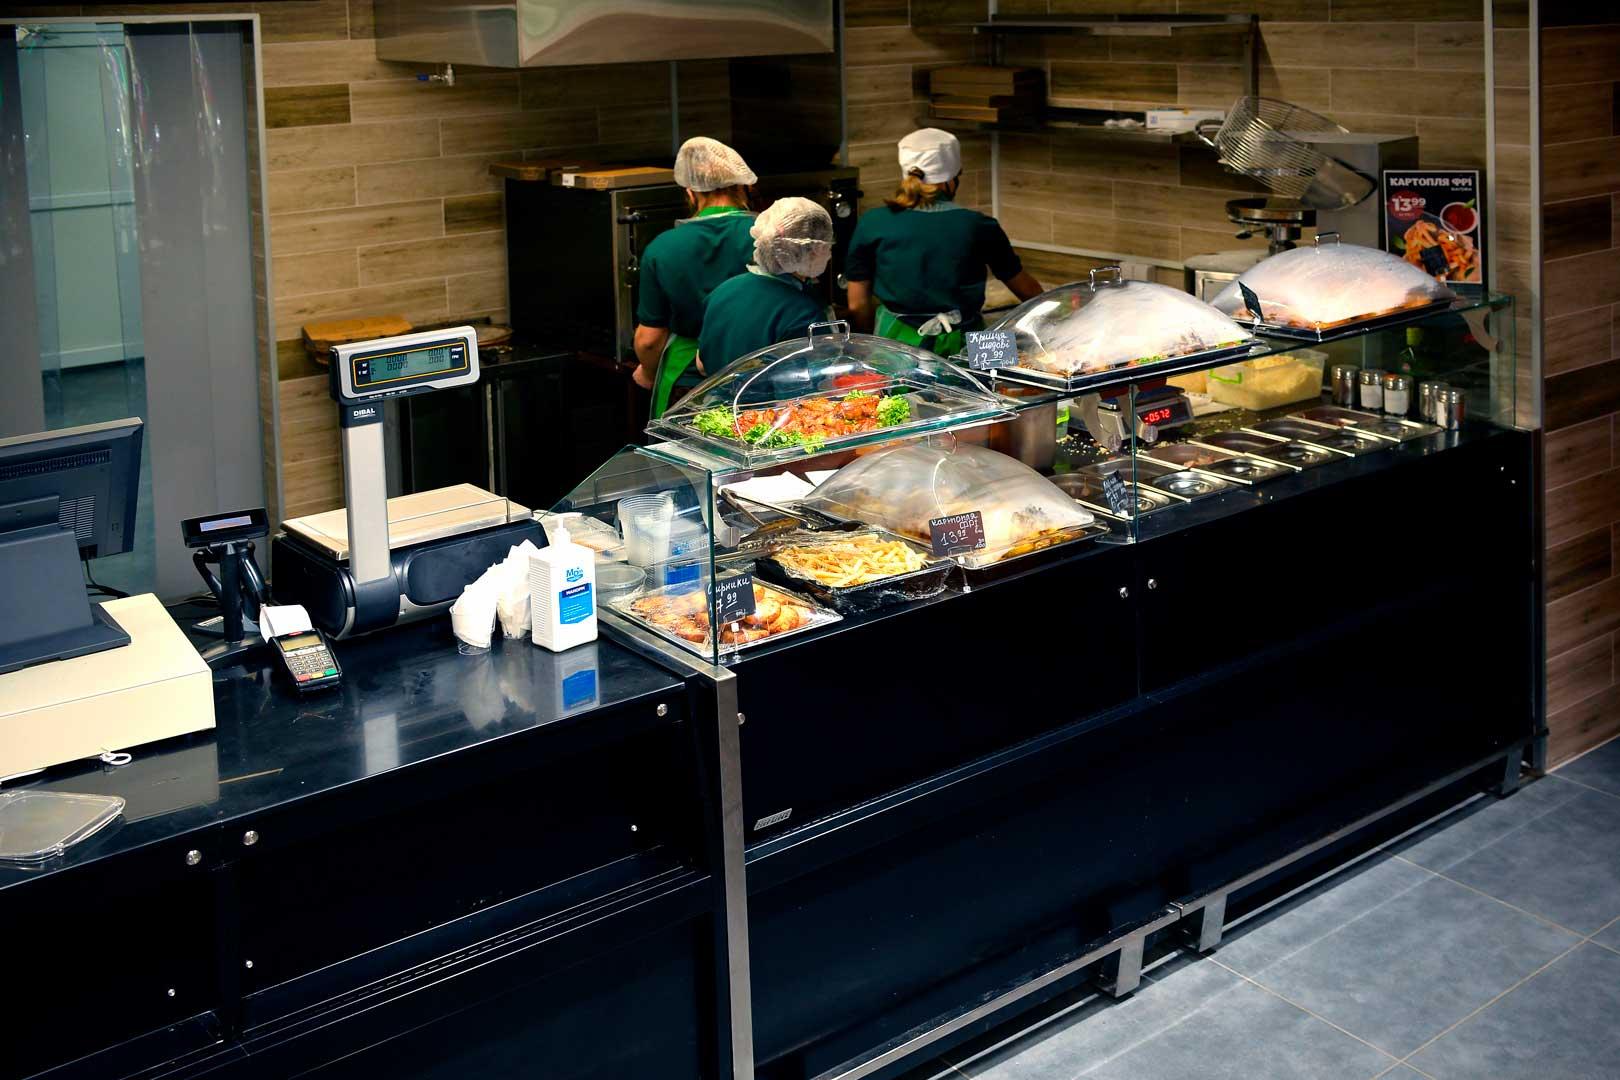 """Спеціалізована вітрина Missouri MC 100 sushi/pizza L 130, супермаркет """"Пчелка-маркет"""""""